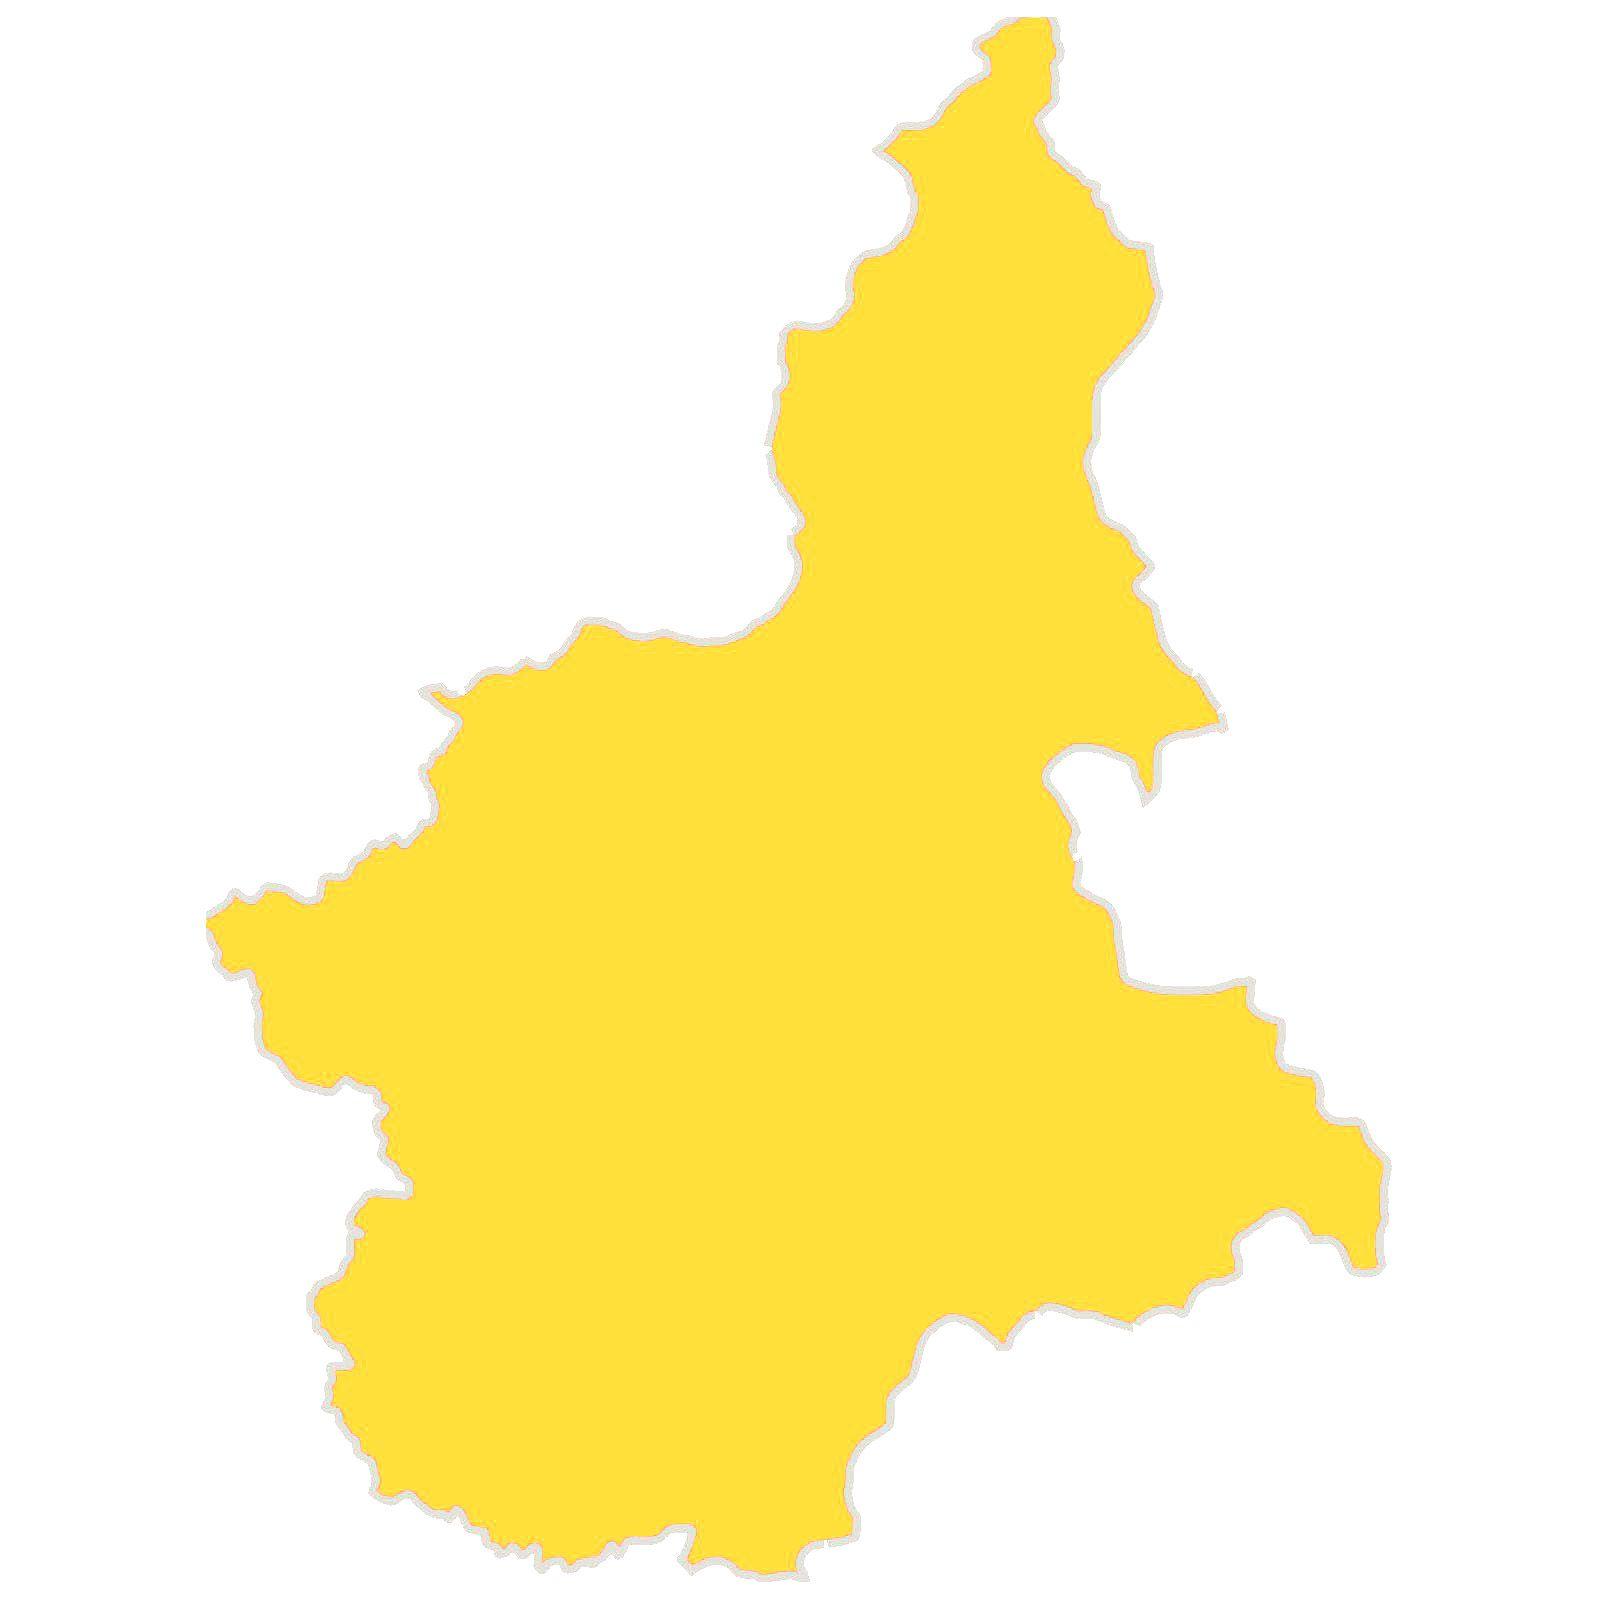 COVID - Il Piemonte resta in zona gialla per un'altra settimana: la pressione ospedaliera continua a scendere